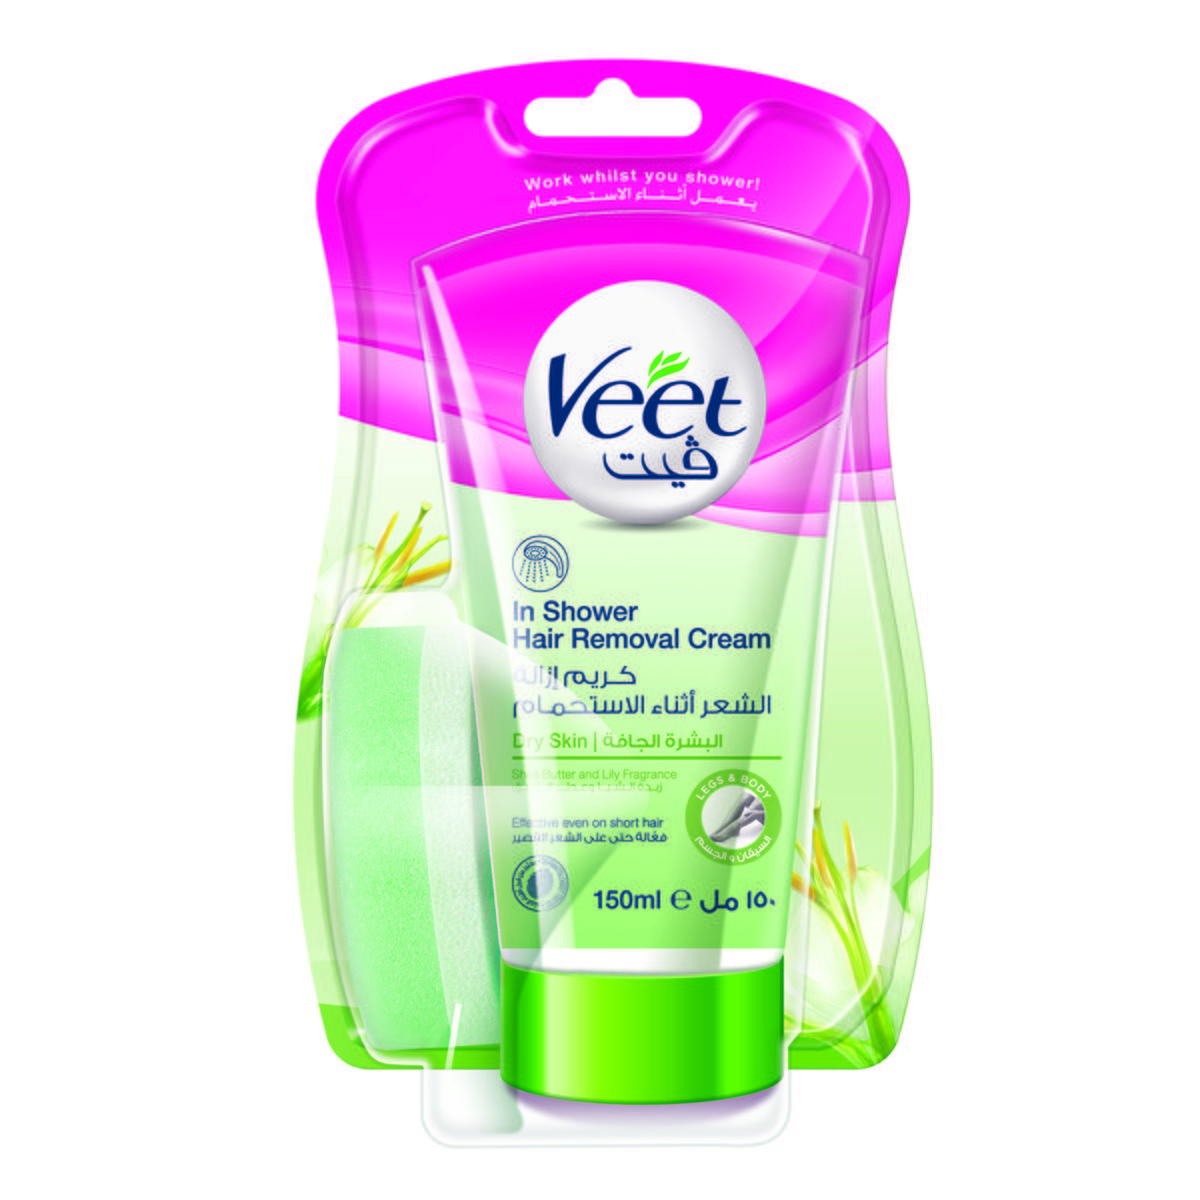 Veet In Shower Hair Remover Cream For Dry Skin In 150ml Veet